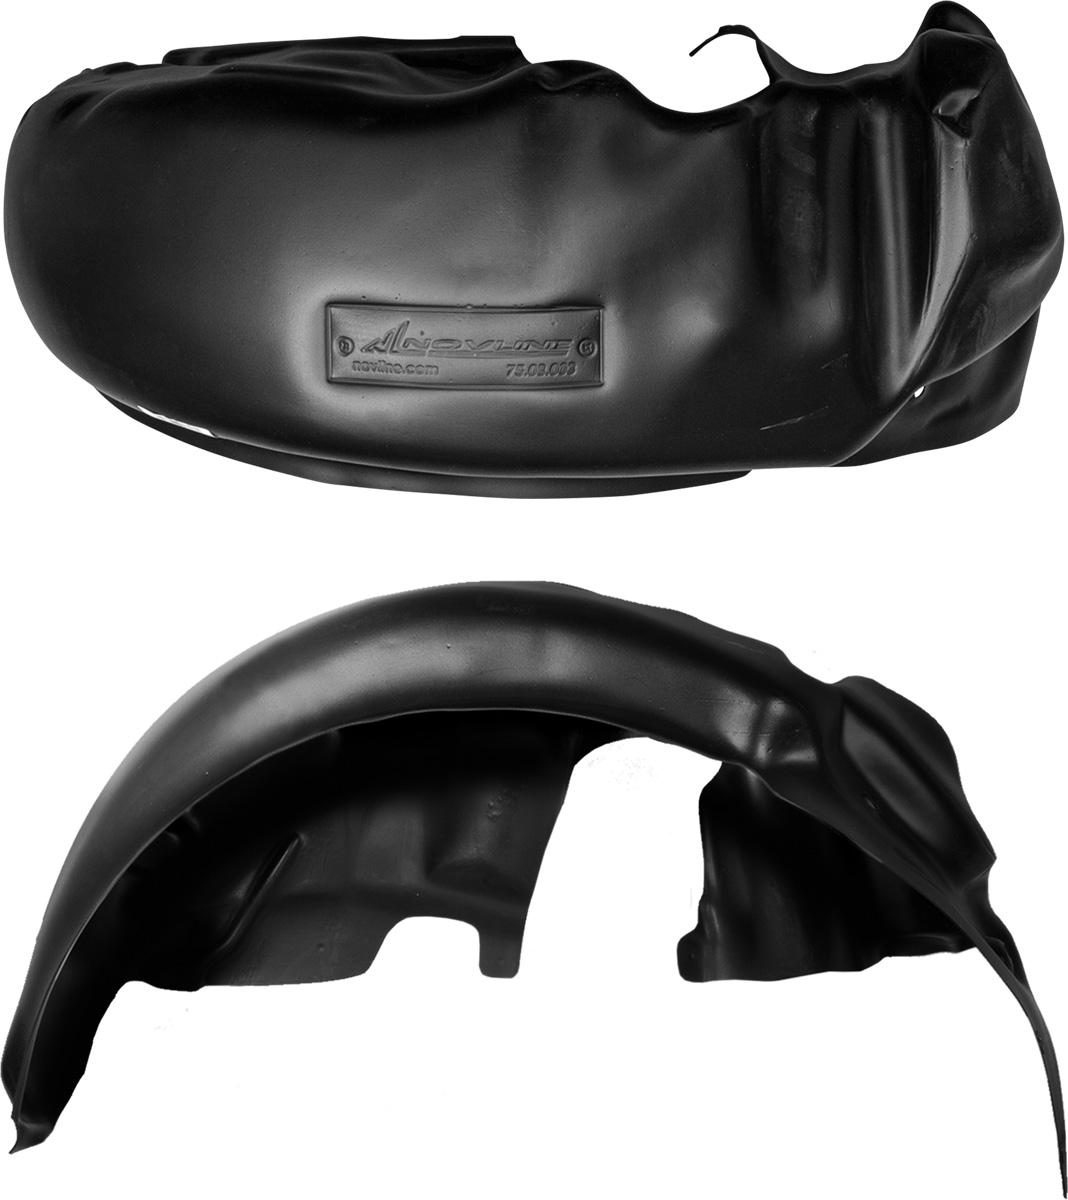 Подкрылок Novline-Autofamily, для Renault Sandero Stepway, 11/2014->, хэтчбек, задний правыйNLL.41.36.004Колесные ниши - одни из самых уязвимых зон днища вашего автомобиля. Они постоянно подвергаются воздействию со стороны дороги. Лучшая, почти абсолютная защита для них - специально отформованные пластиковые кожухи, которые называются подкрылками. Производятся они как для отечественных моделей автомобилей, так и для иномарок. Подкрылки Novline-Autofamily выполнены из высококачественного, экологически чистого пластика. Обеспечивают надежную защиту кузова автомобиля от пескоструйного эффекта и негативного влияния, агрессивных антигололедных реагентов. Пластик обладает более низкой теплопроводностью, чем металл, поэтому в зимний период эксплуатации использование пластиковых подкрылков позволяет лучше защитить колесные ниши от налипания снега и образования наледи. Оригинальность конструкции подчеркивает элегантность автомобиля, бережно защищает нанесенное на днище кузова антикоррозийное покрытие и позволяет осуществить крепление подкрылков внутри колесной арки практически без дополнительного крепежа и сверления, не нарушая при этом лакокрасочного покрытия, что предотвращает возникновение новых очагов коррозии. Подкрылки долговечны, обладают высокой прочностью и сохраняют заданную форму, а также все свои физико-механические характеристики в самых тяжелых климатических условиях (от -50°С до +50°С).Уважаемые клиенты!Обращаем ваше внимание, на тот факт, что подкрылок имеет форму, соответствующую модели данного автомобиля. Фото служит для визуального восприятия товара.